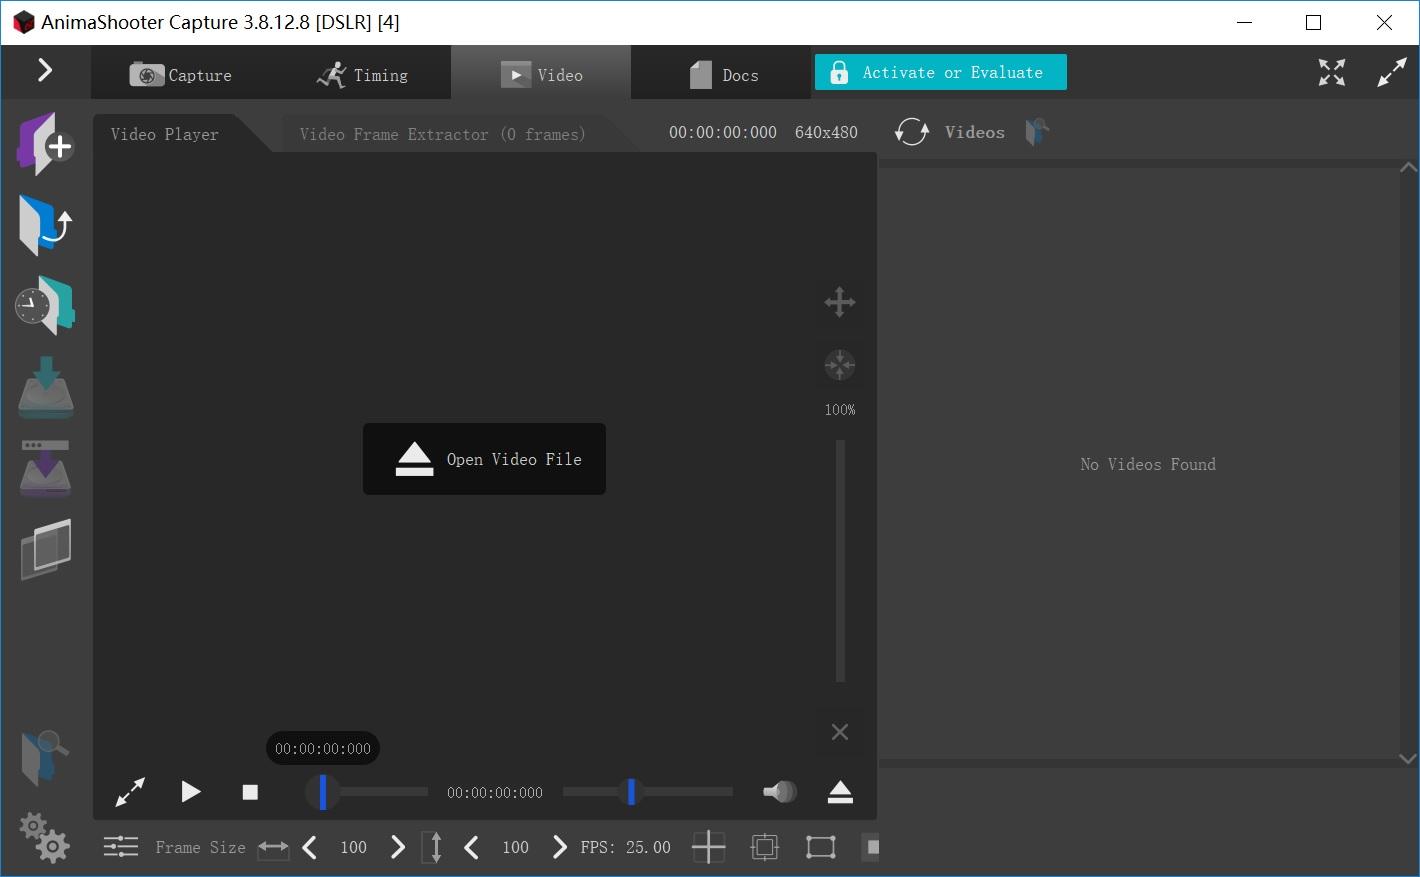 AnimaShooter Capture.jpg